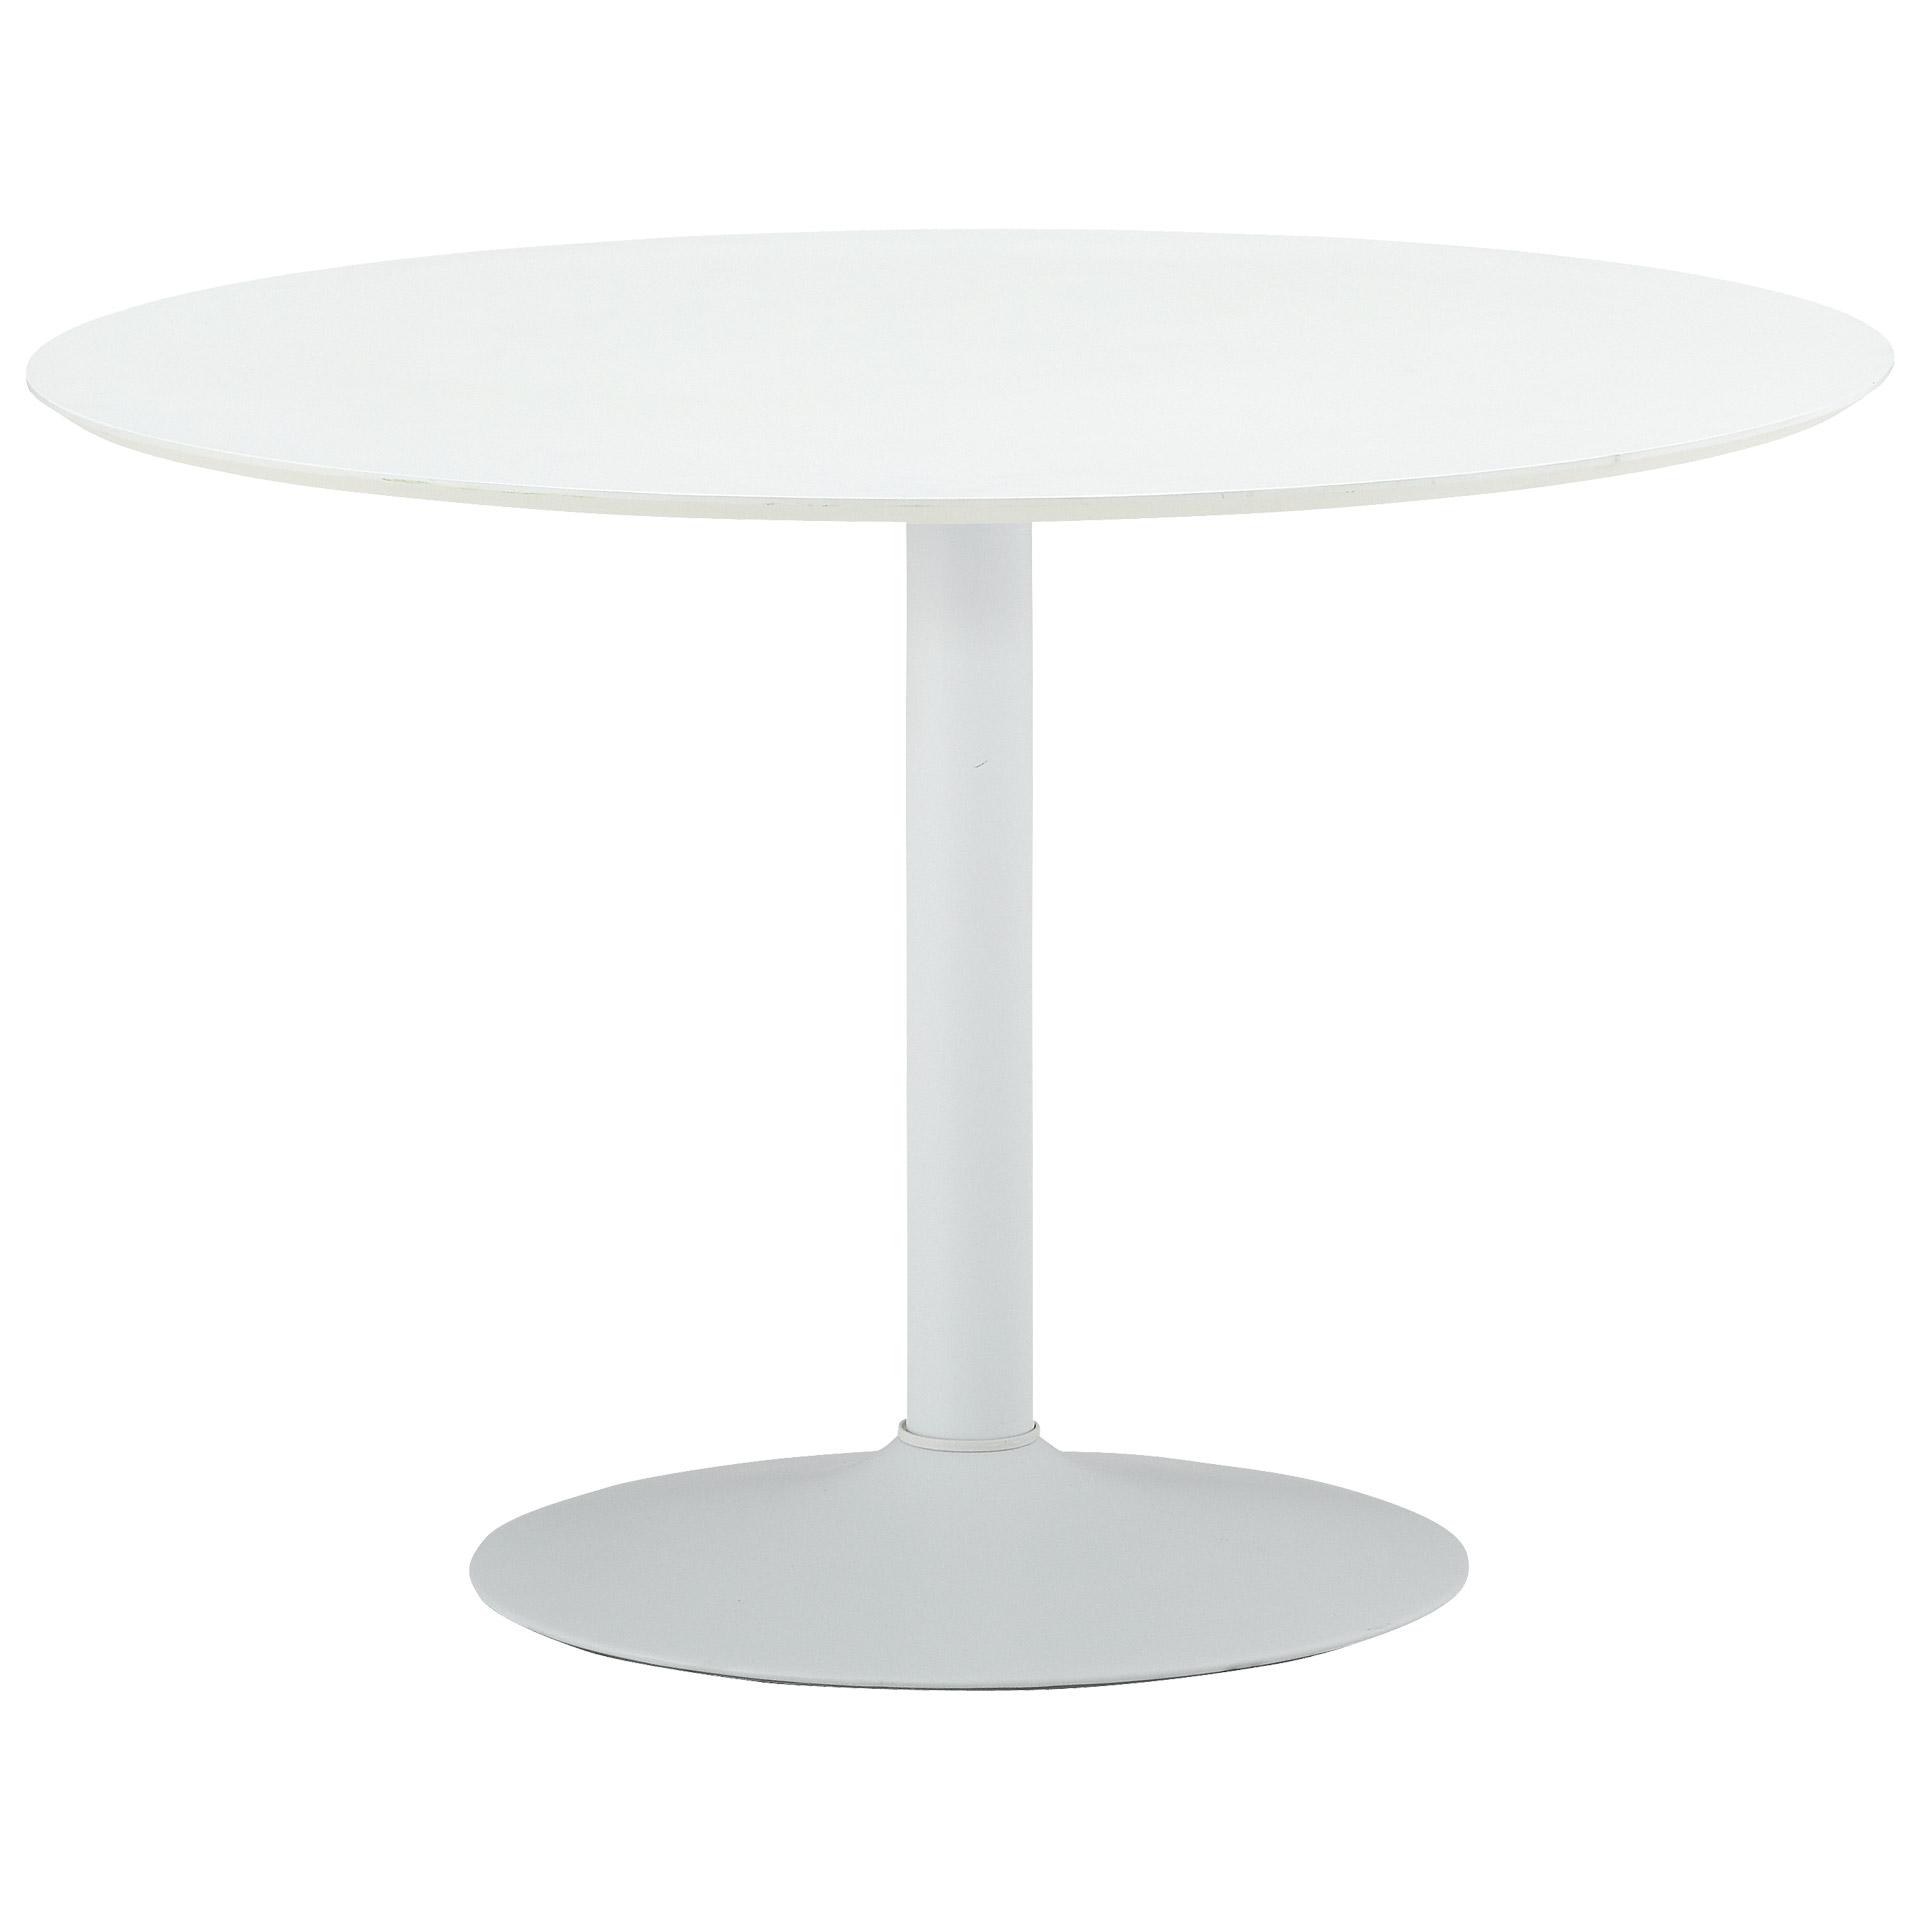 Esstisch Ibiza (ø 110 cm, rund, weiß)